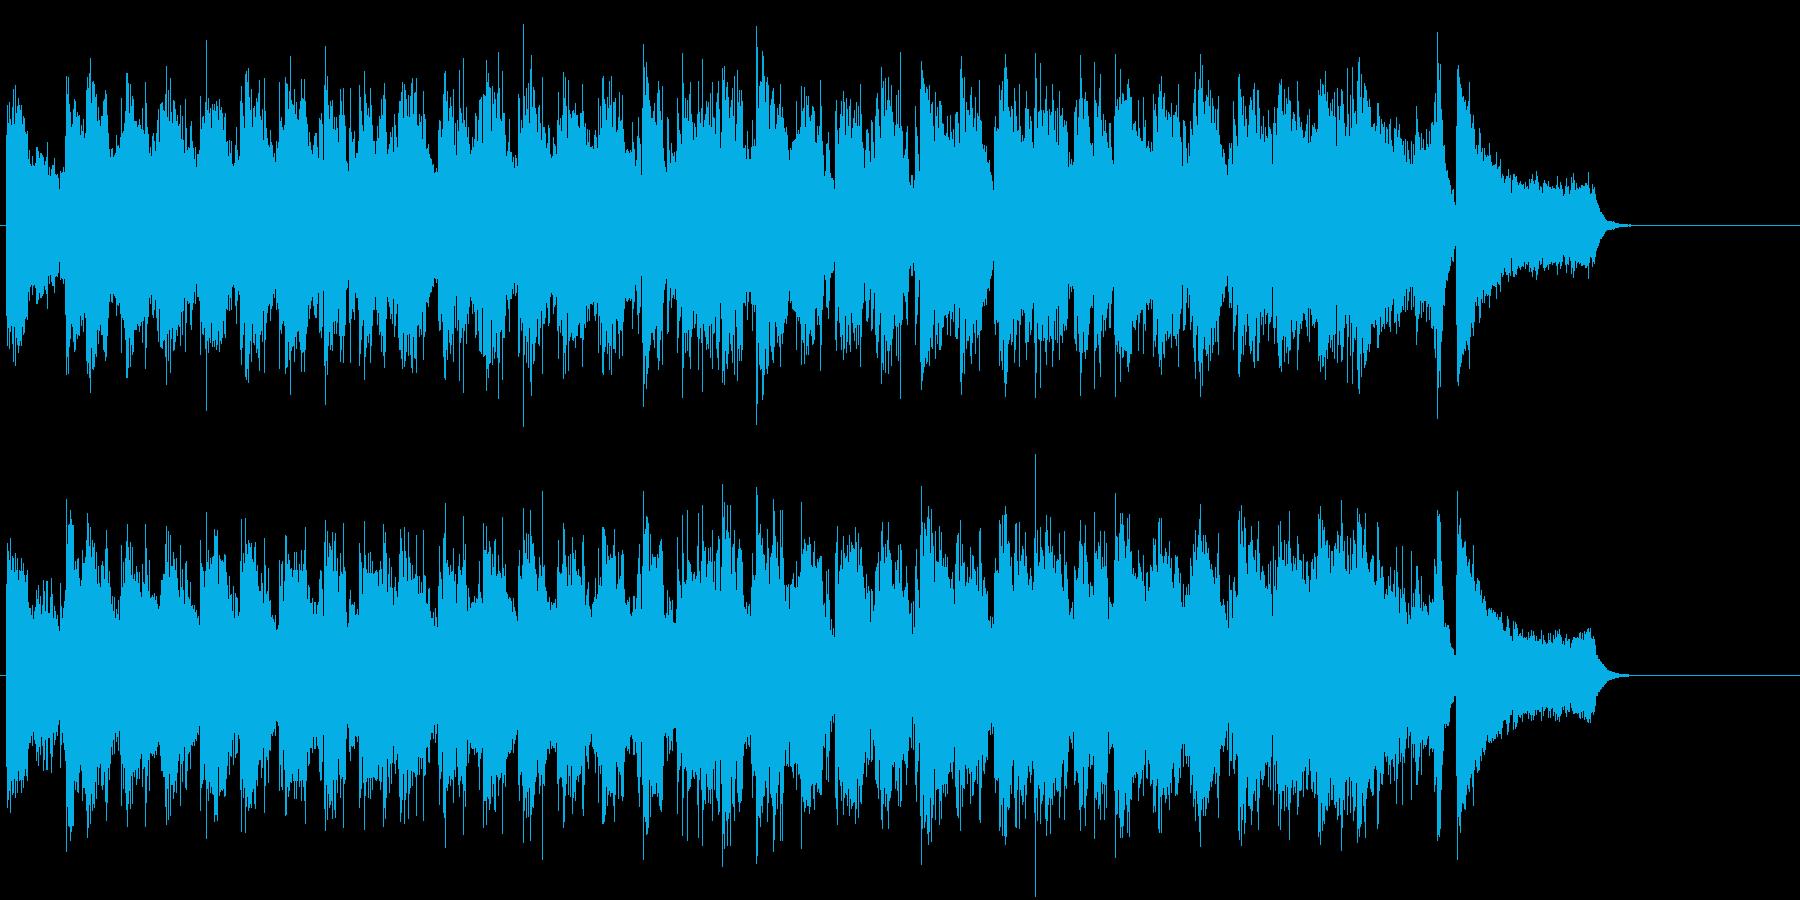 テーマ性を持つアダルト・コテンポラリー風の再生済みの波形